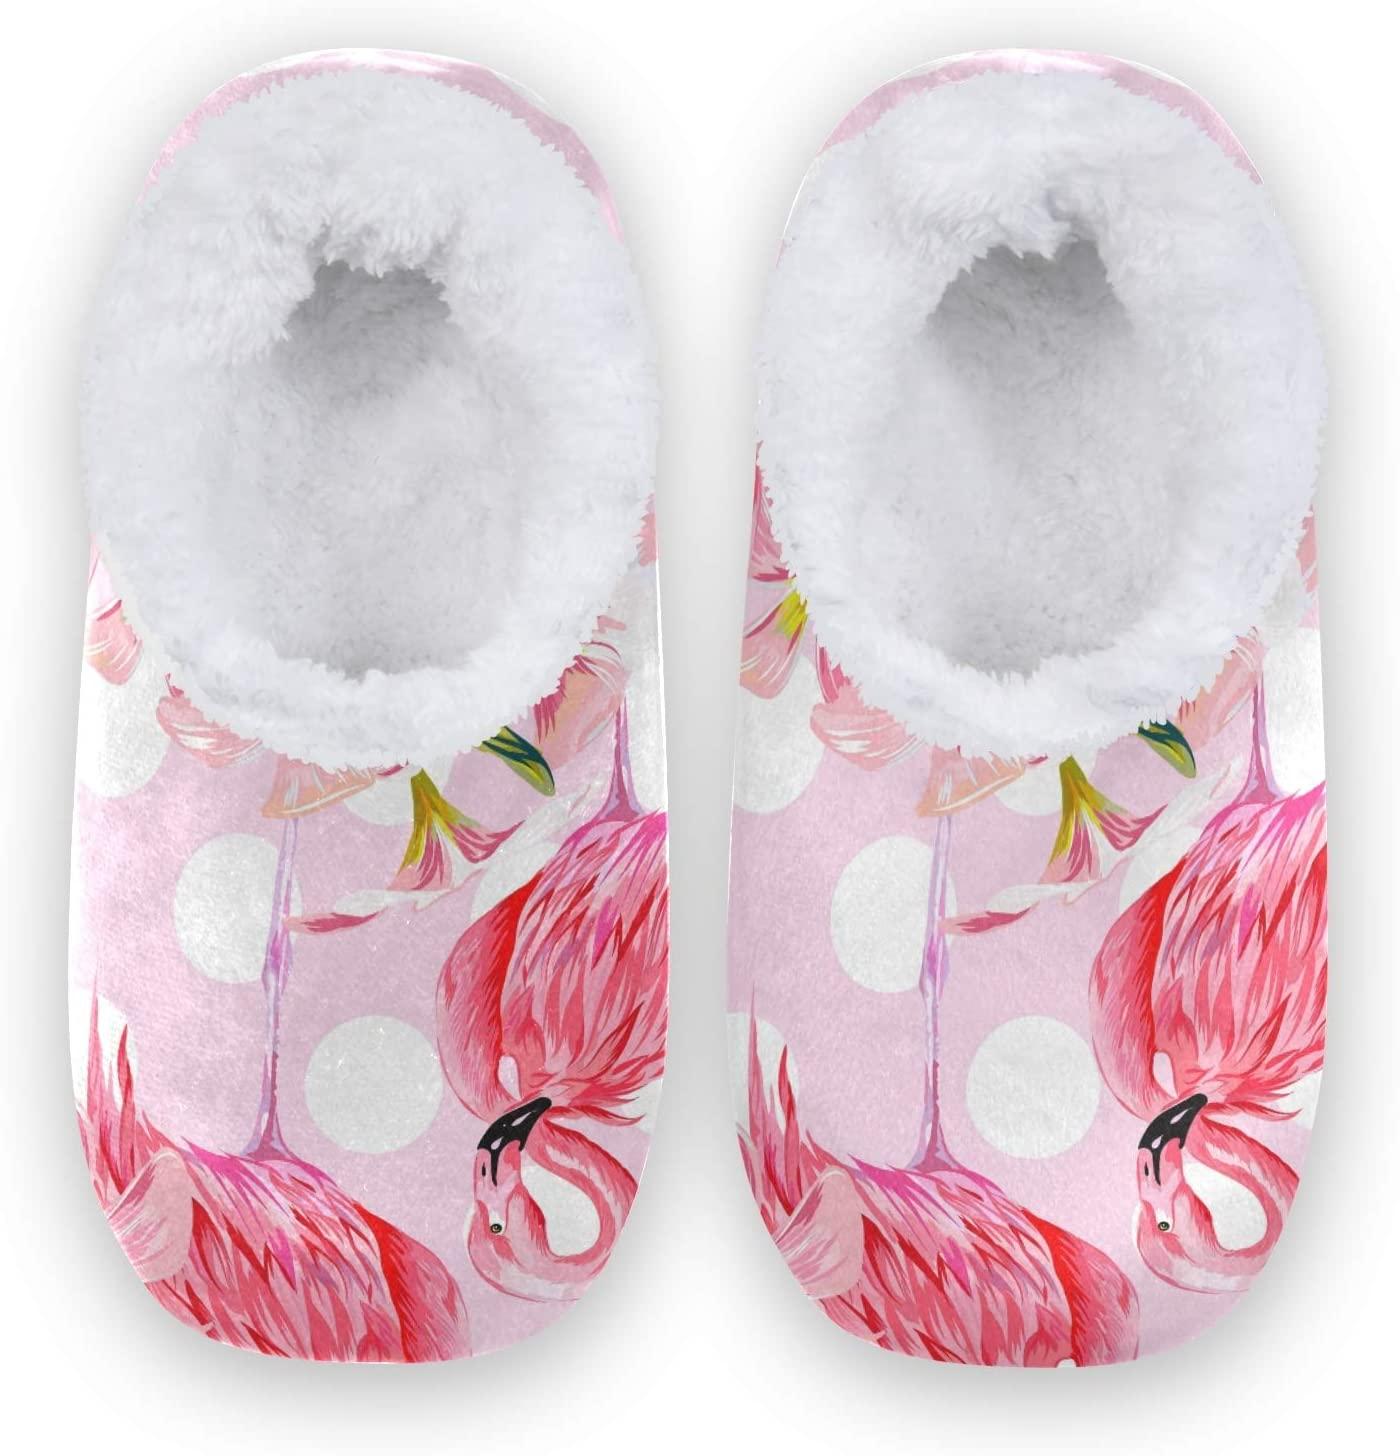 Mnsruu Pink Flamingo Polka Dot House Slippers